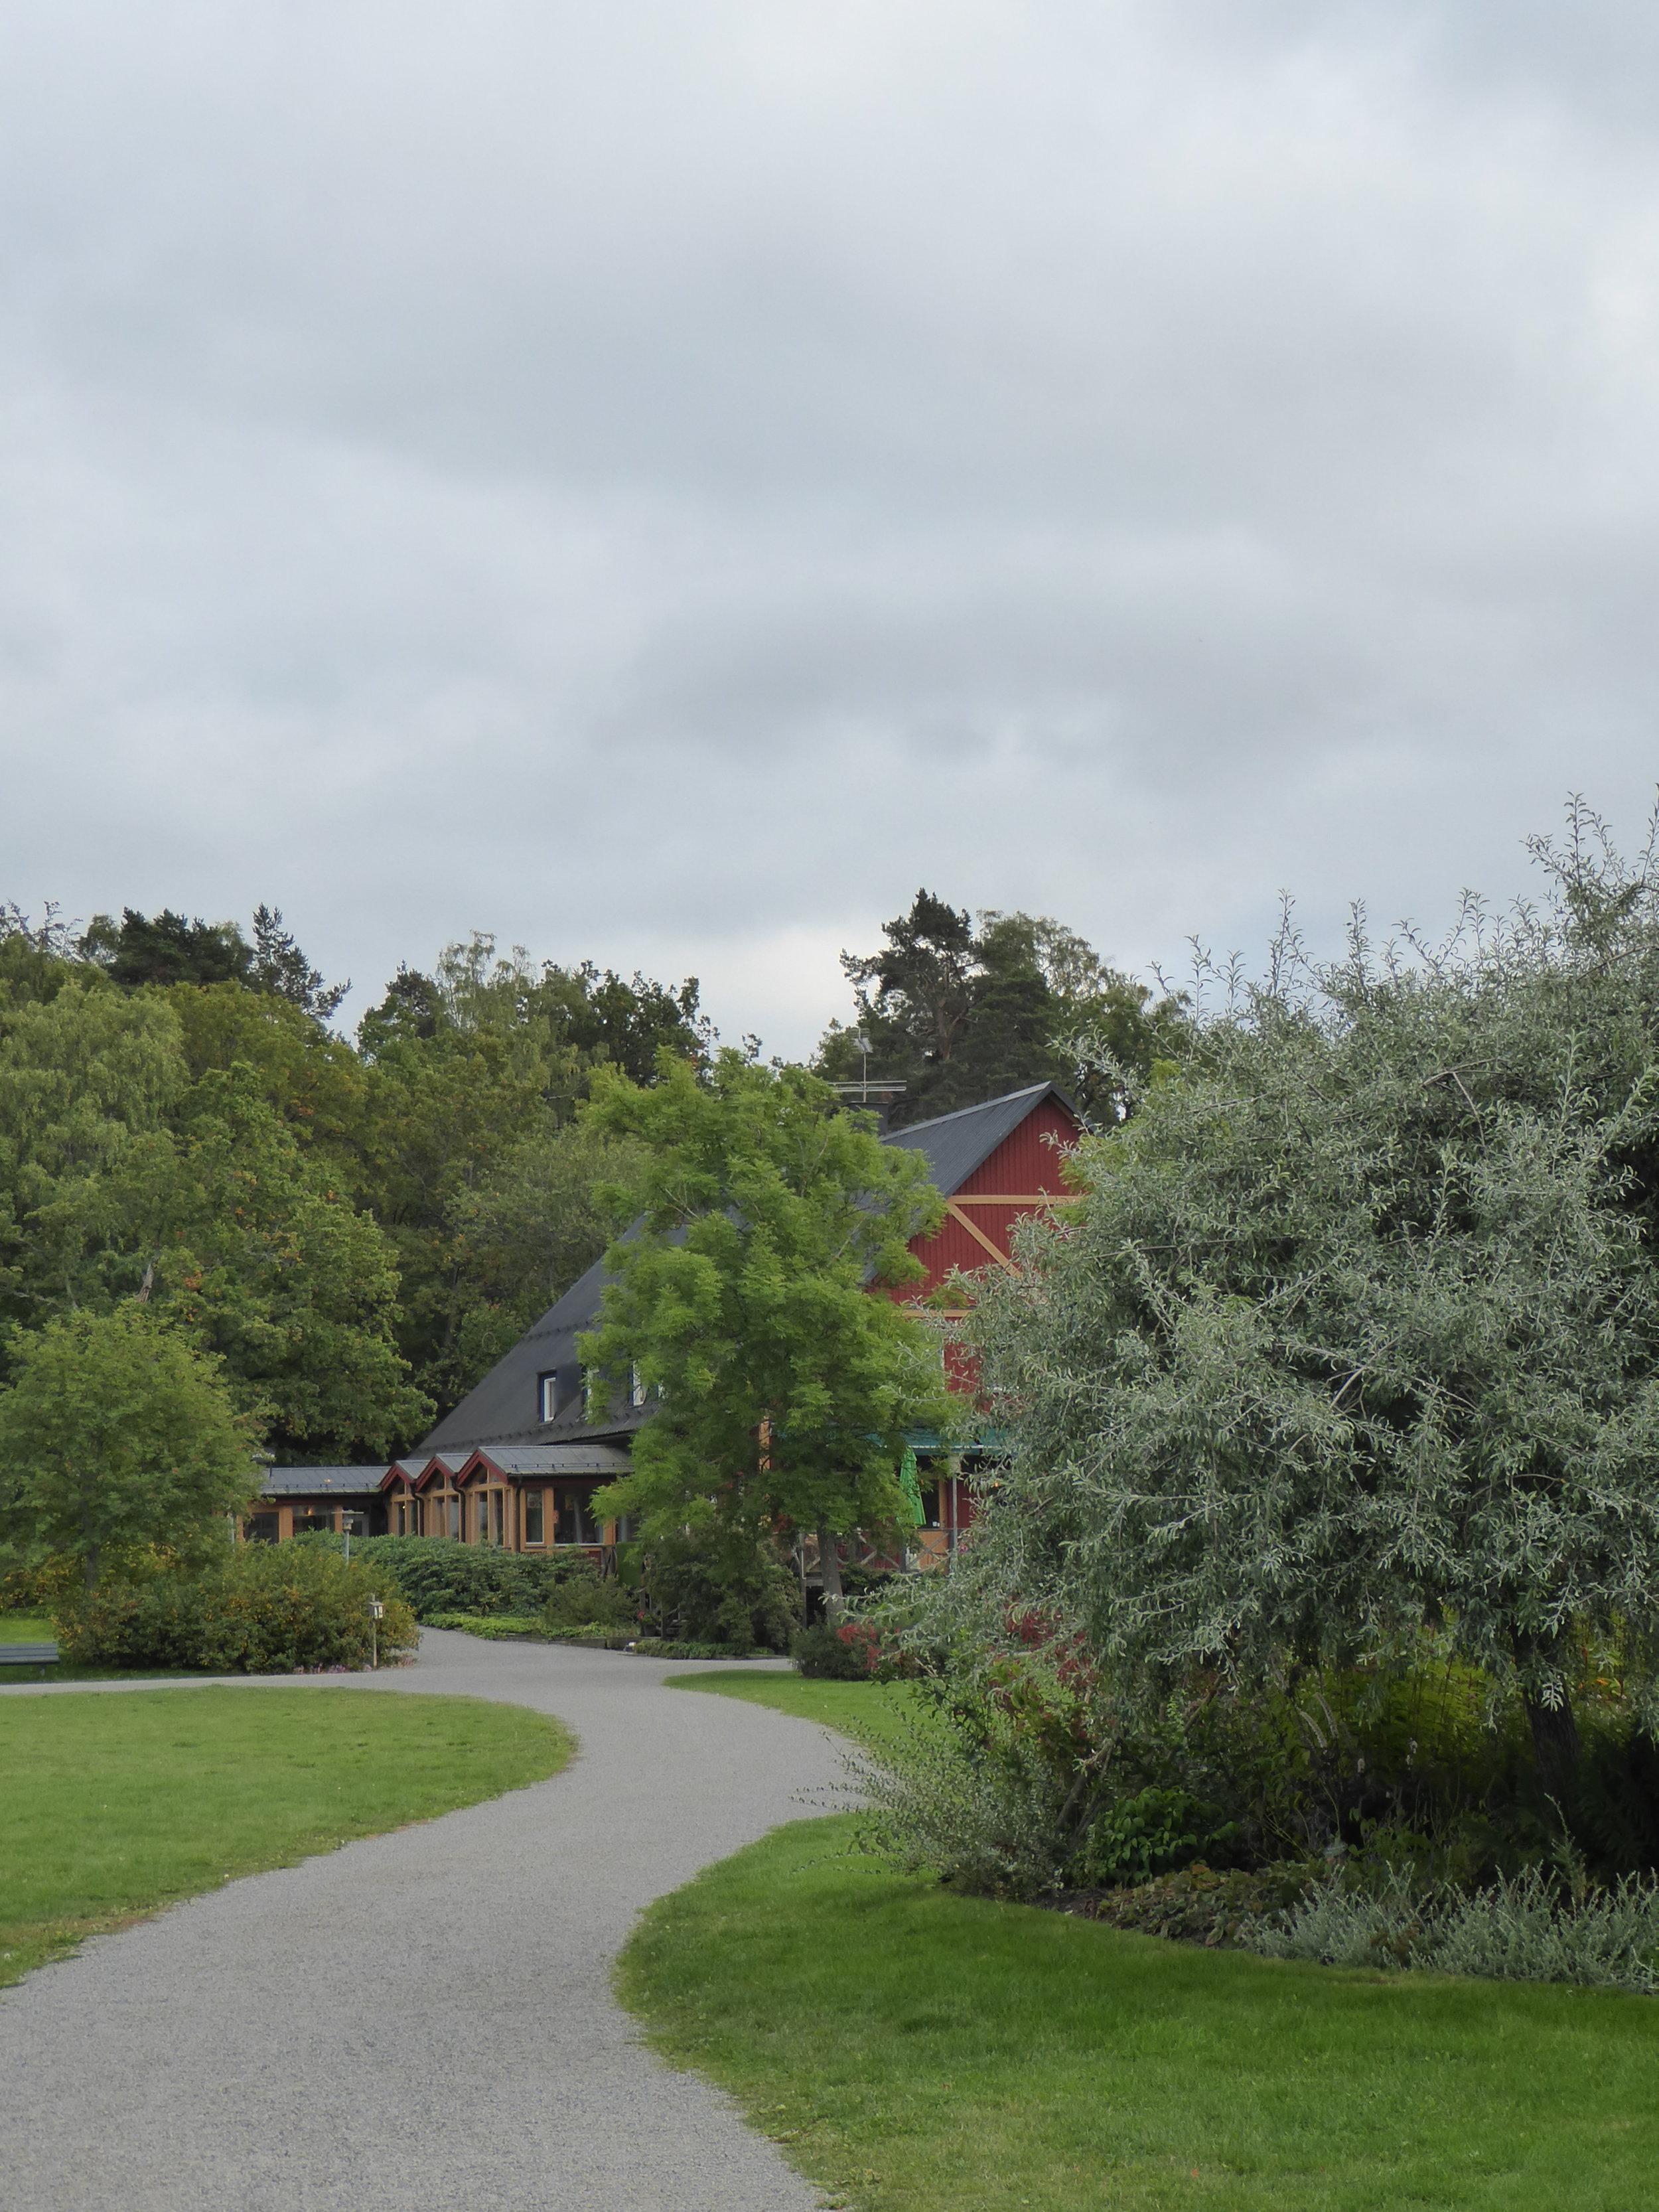 Stora Skuggans Värdshus, Carolas Eko